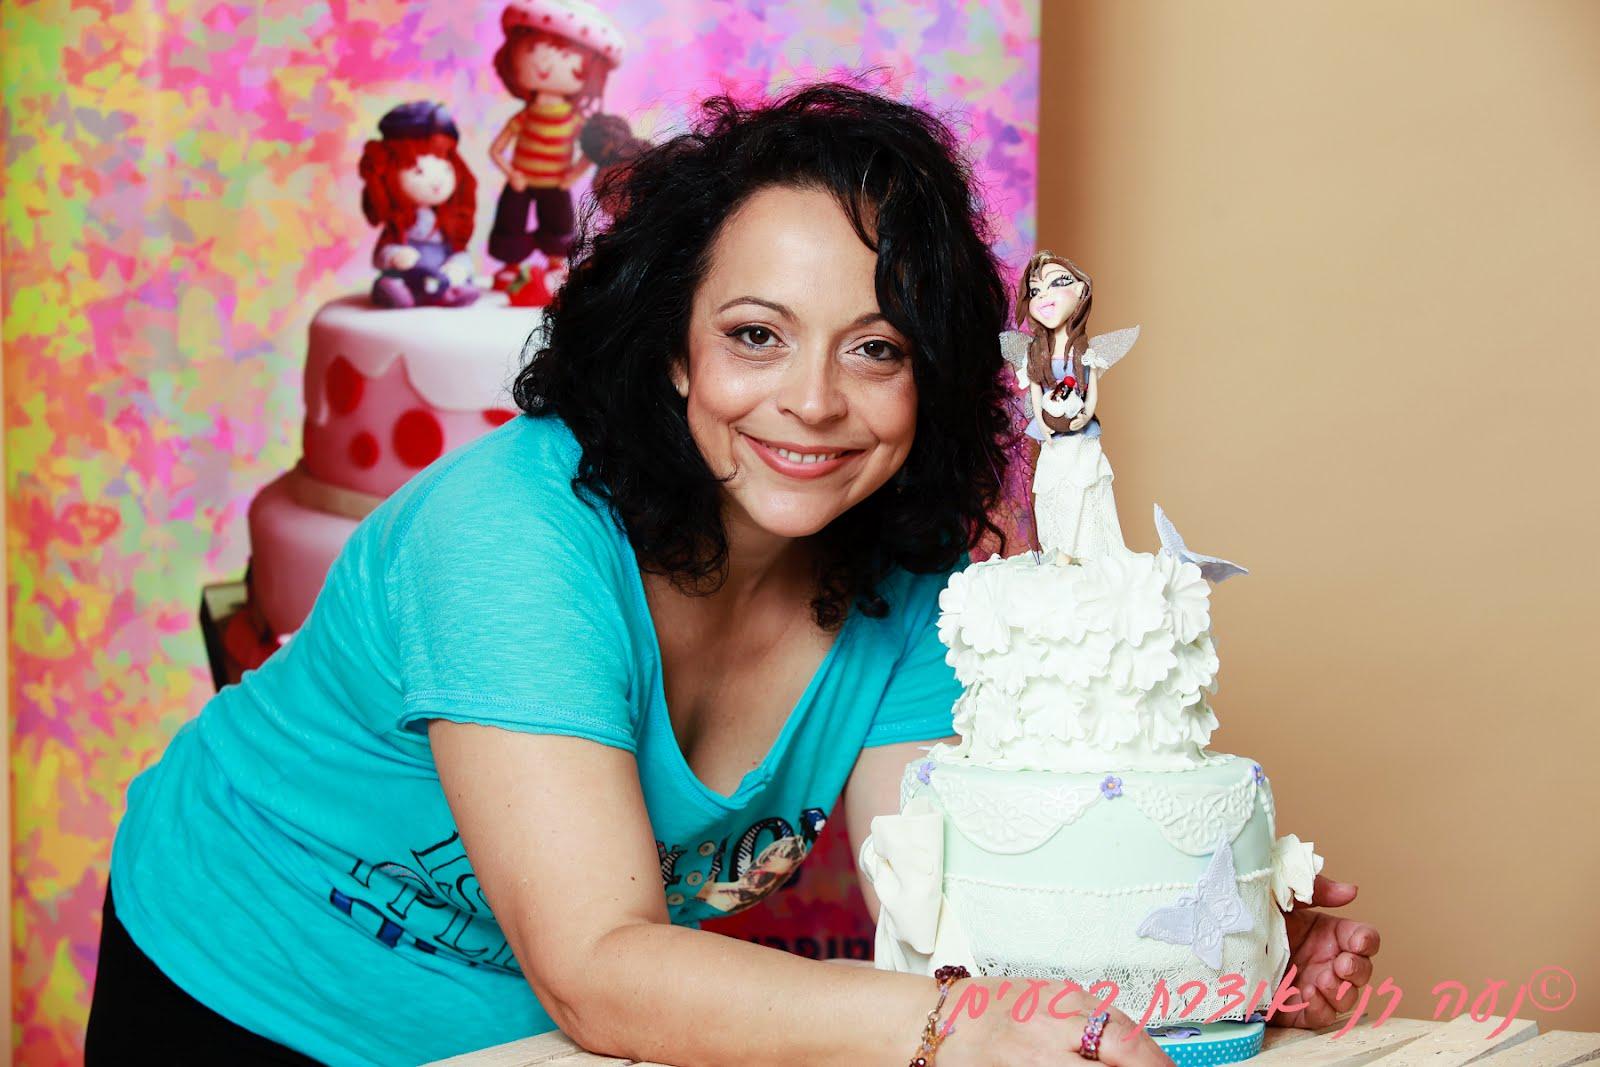 מיכל מאיה זלצברגר עם עוגה מבצק סוכר של עוגיגה